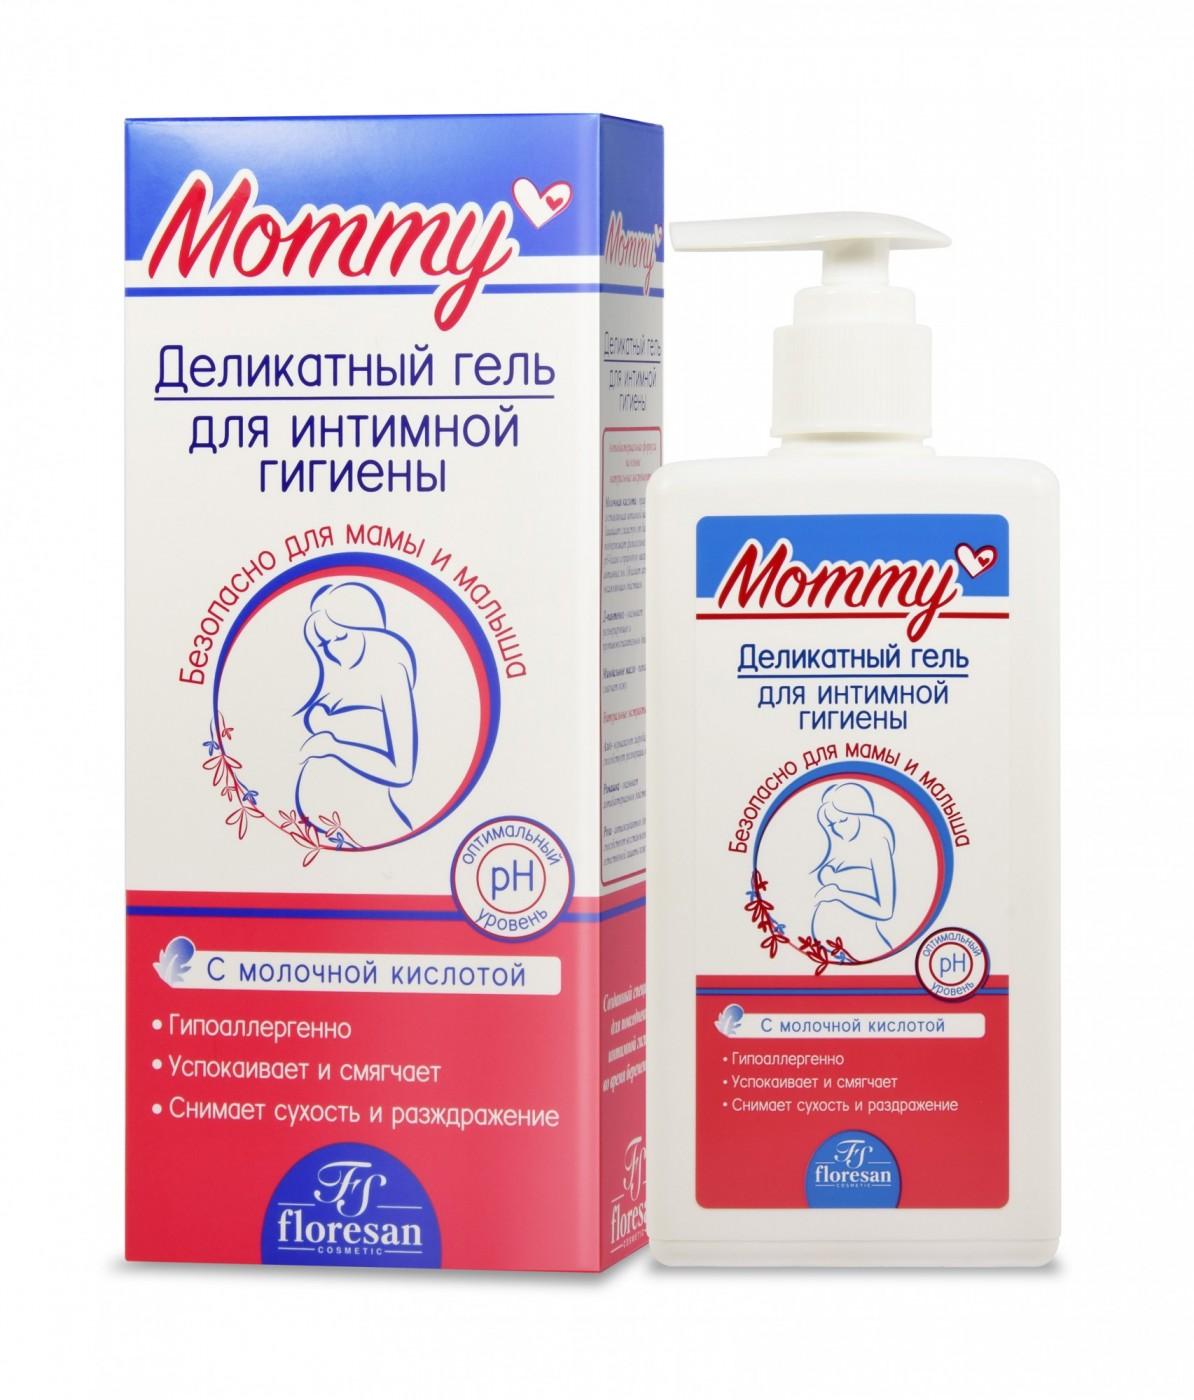 Деликатный гель для интимной гигиены,для будущих мам,250мл